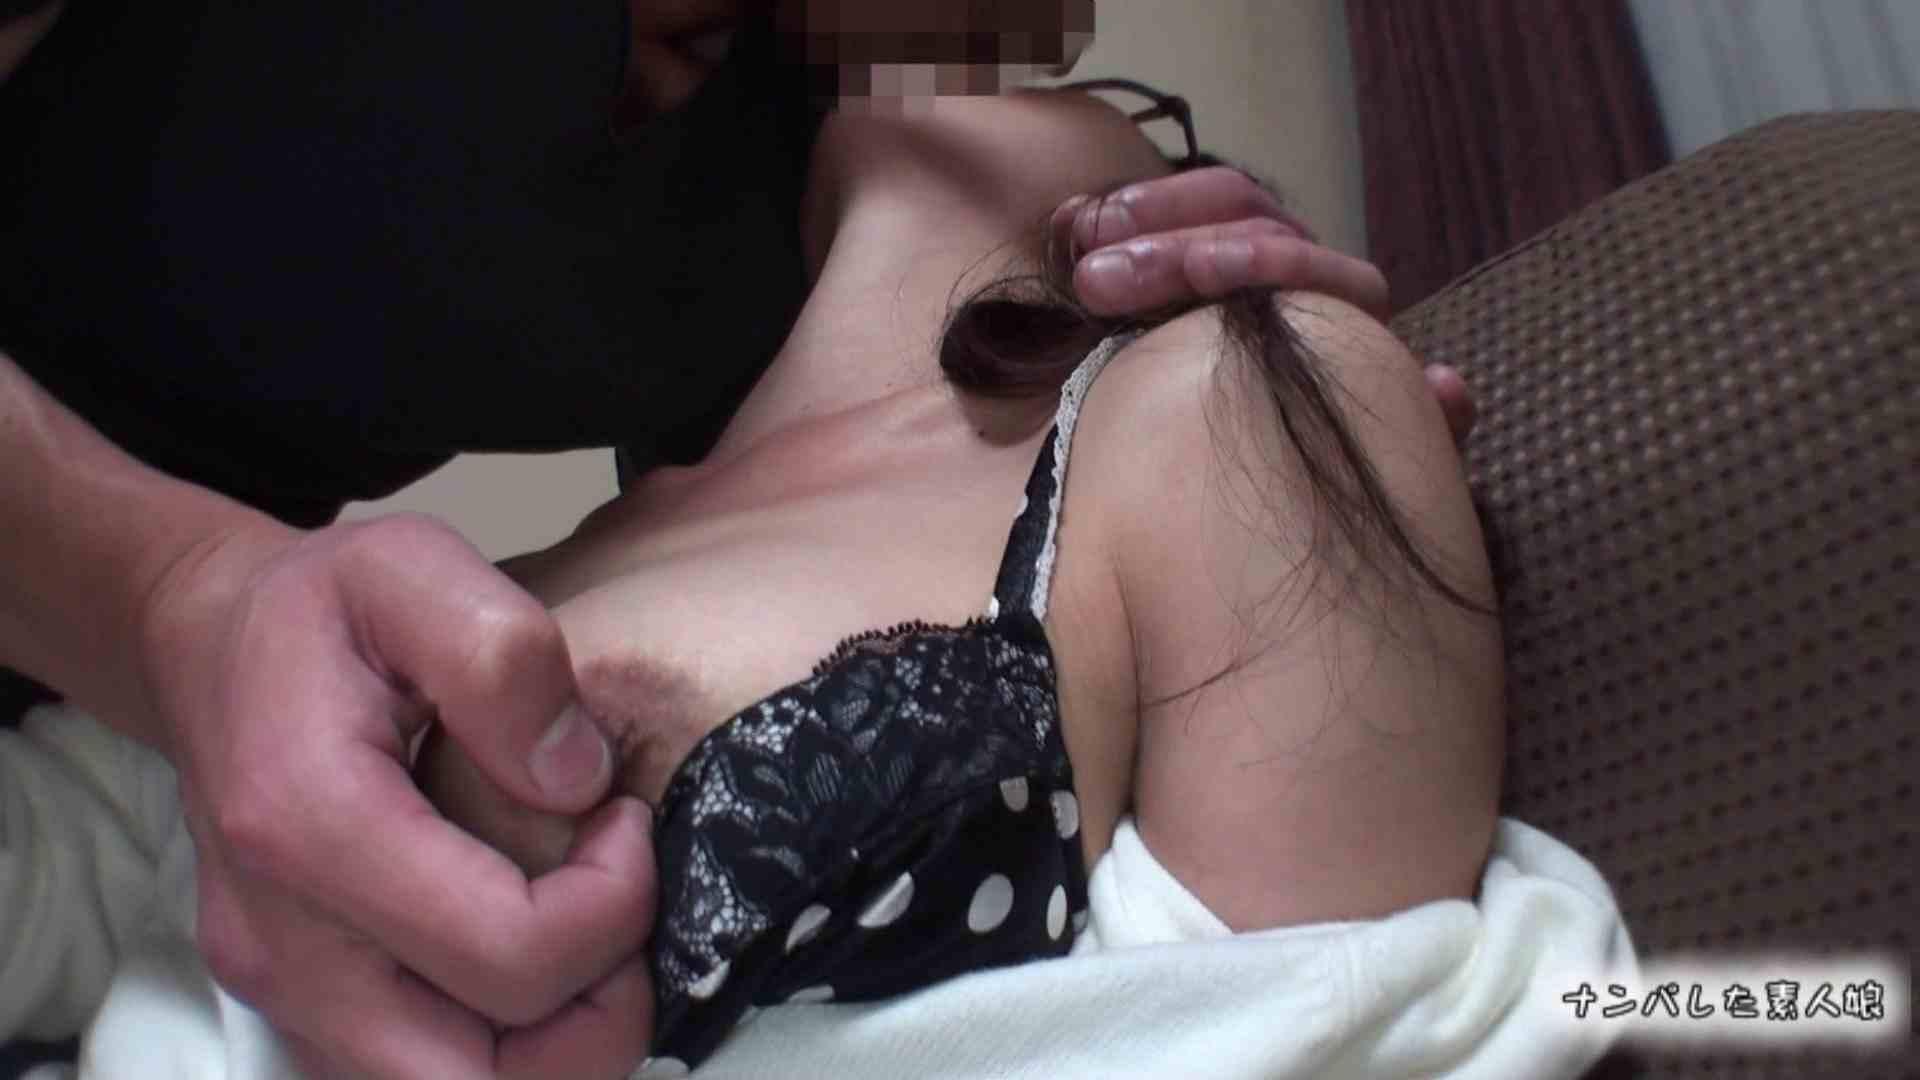 セックスアダルト動画|No.11ゆな 伊達めがね×耳舐め×首甘噛み×鼻の穴舐め×乳|大奥